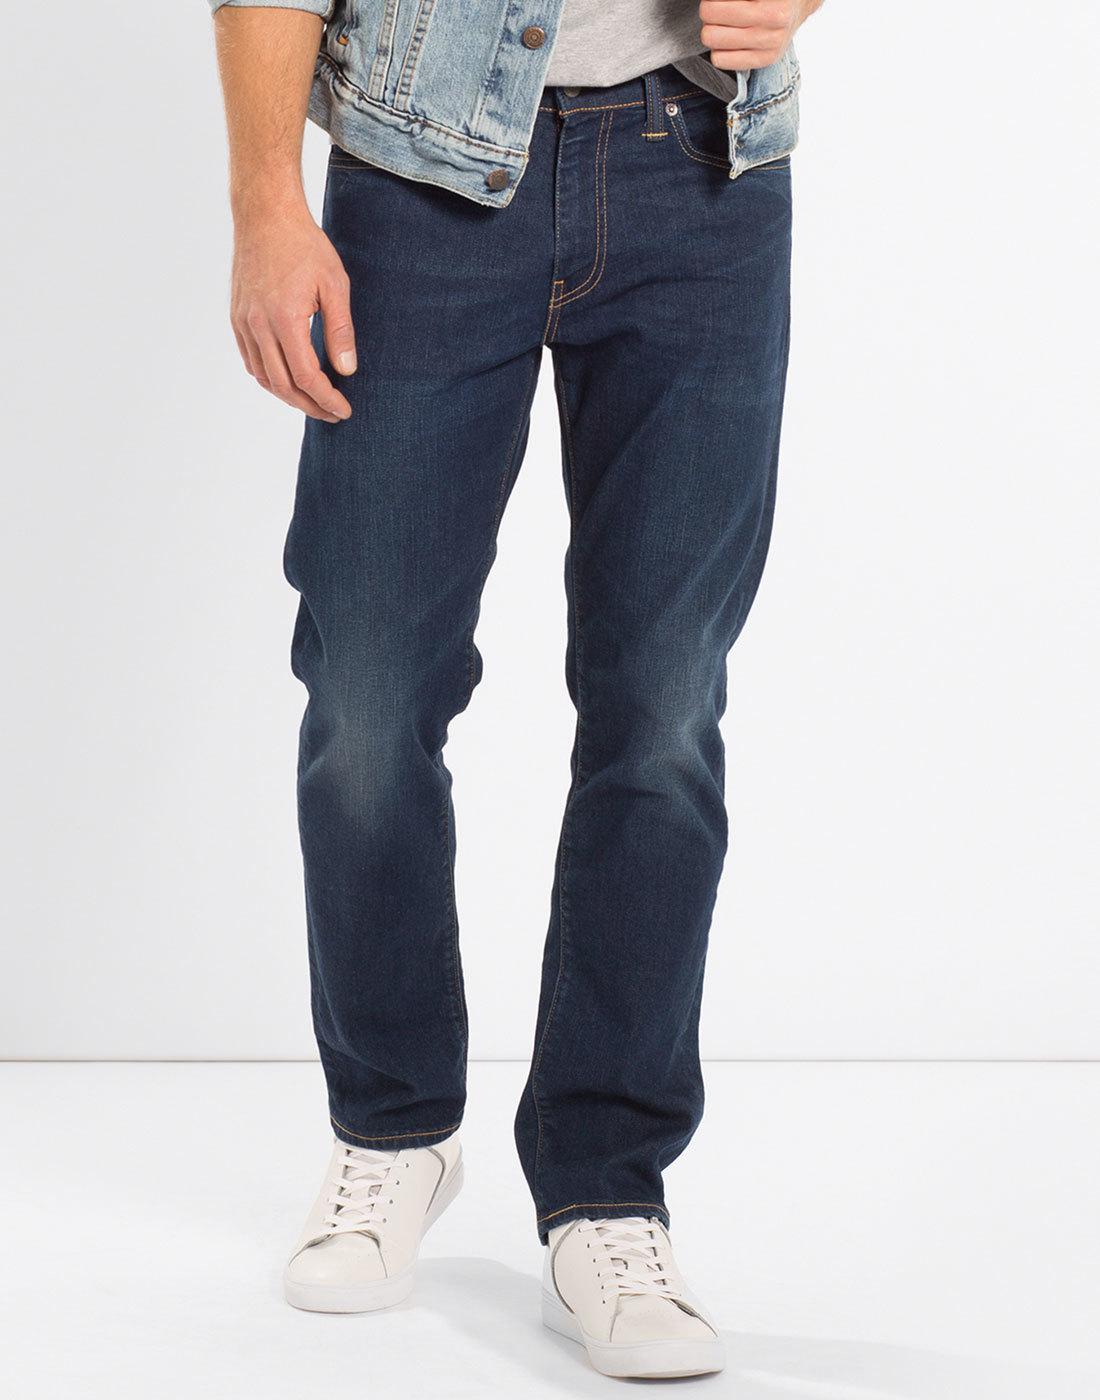 LEVI'S® 504 Regular Straight Jeans FESTIVAL RAIN